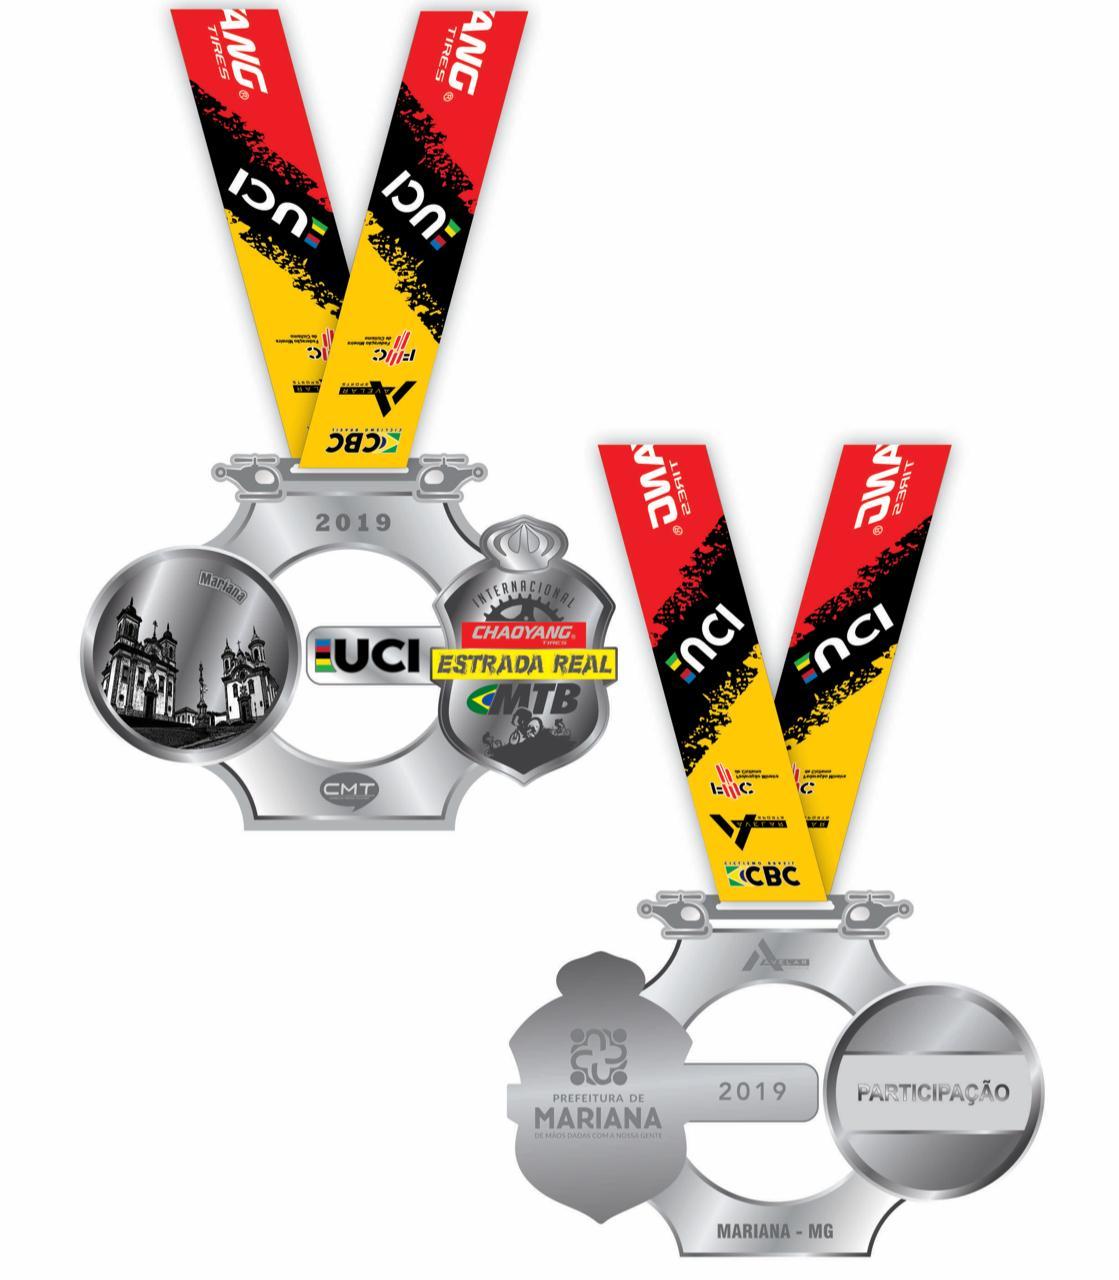 Maratona Internacional Chaoyang Estrada Real -  2ª Etapa